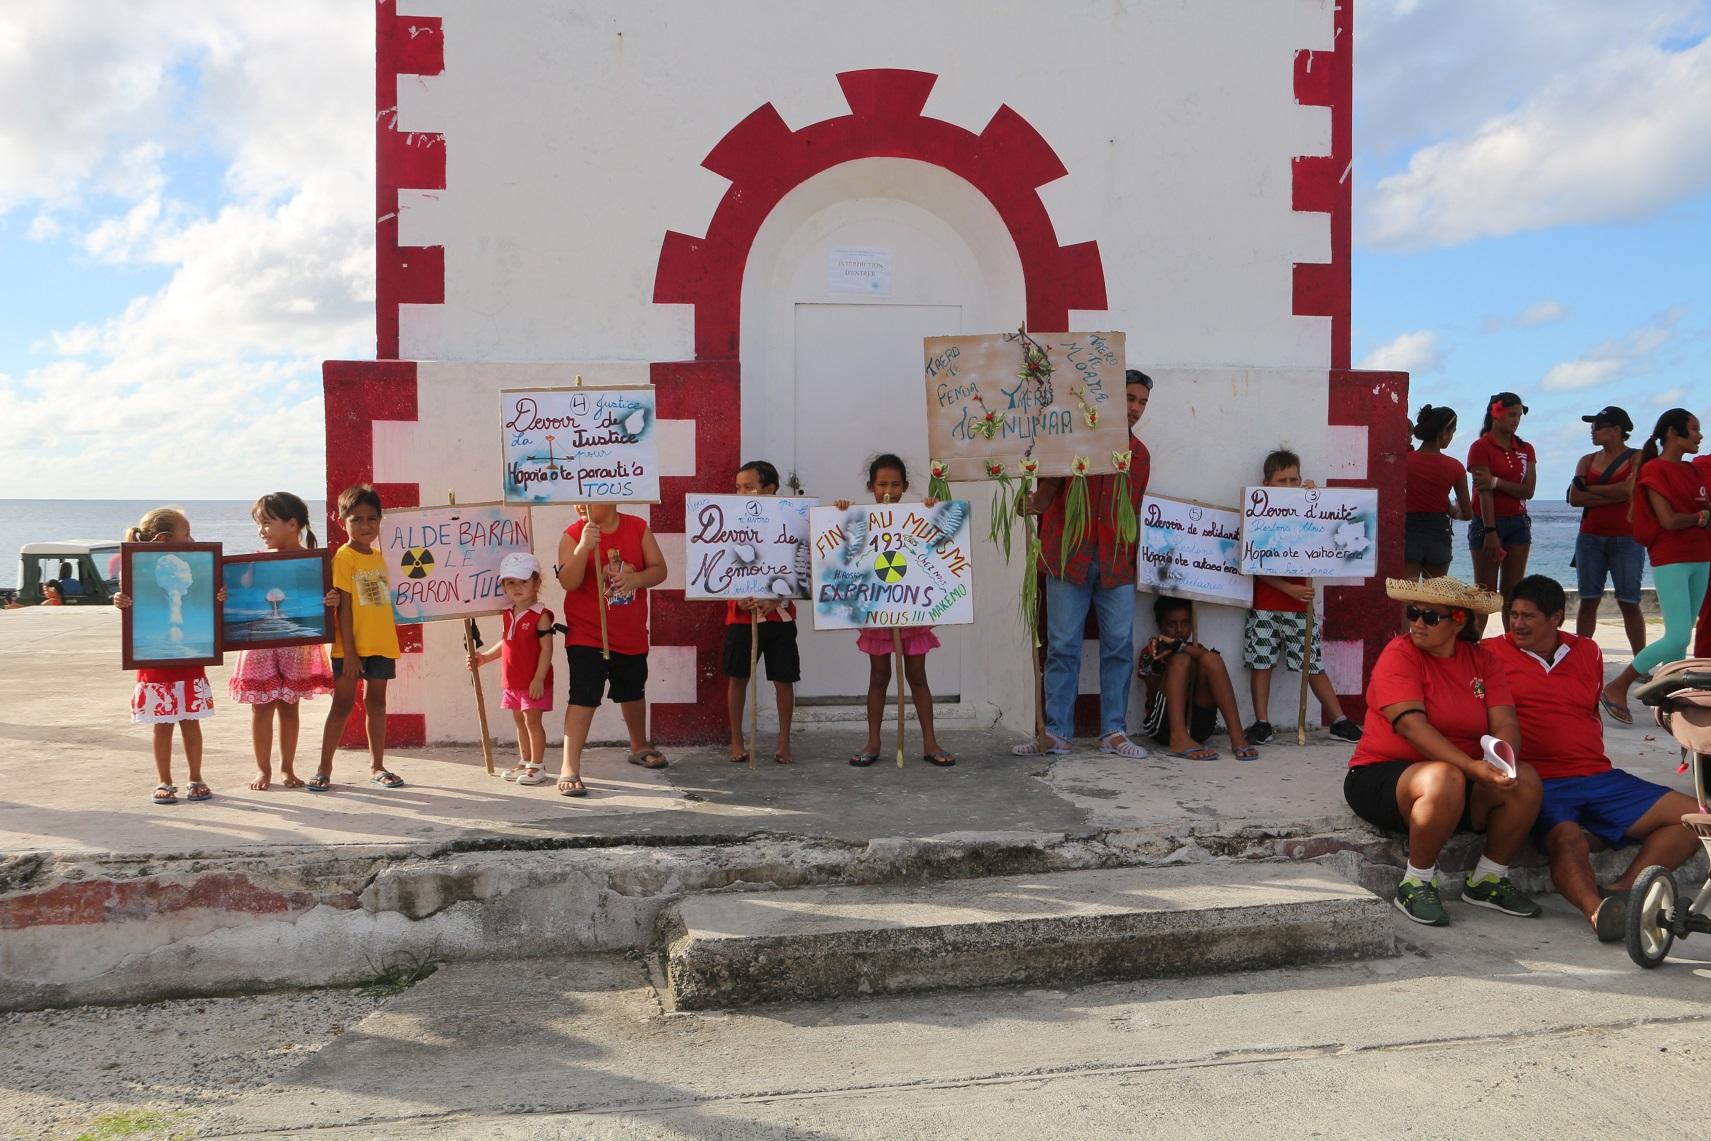 Les enfants de l'atoll se préparent à défiler avec les pancartes. Le point de rendez-vous était donné au phare de l'atoll